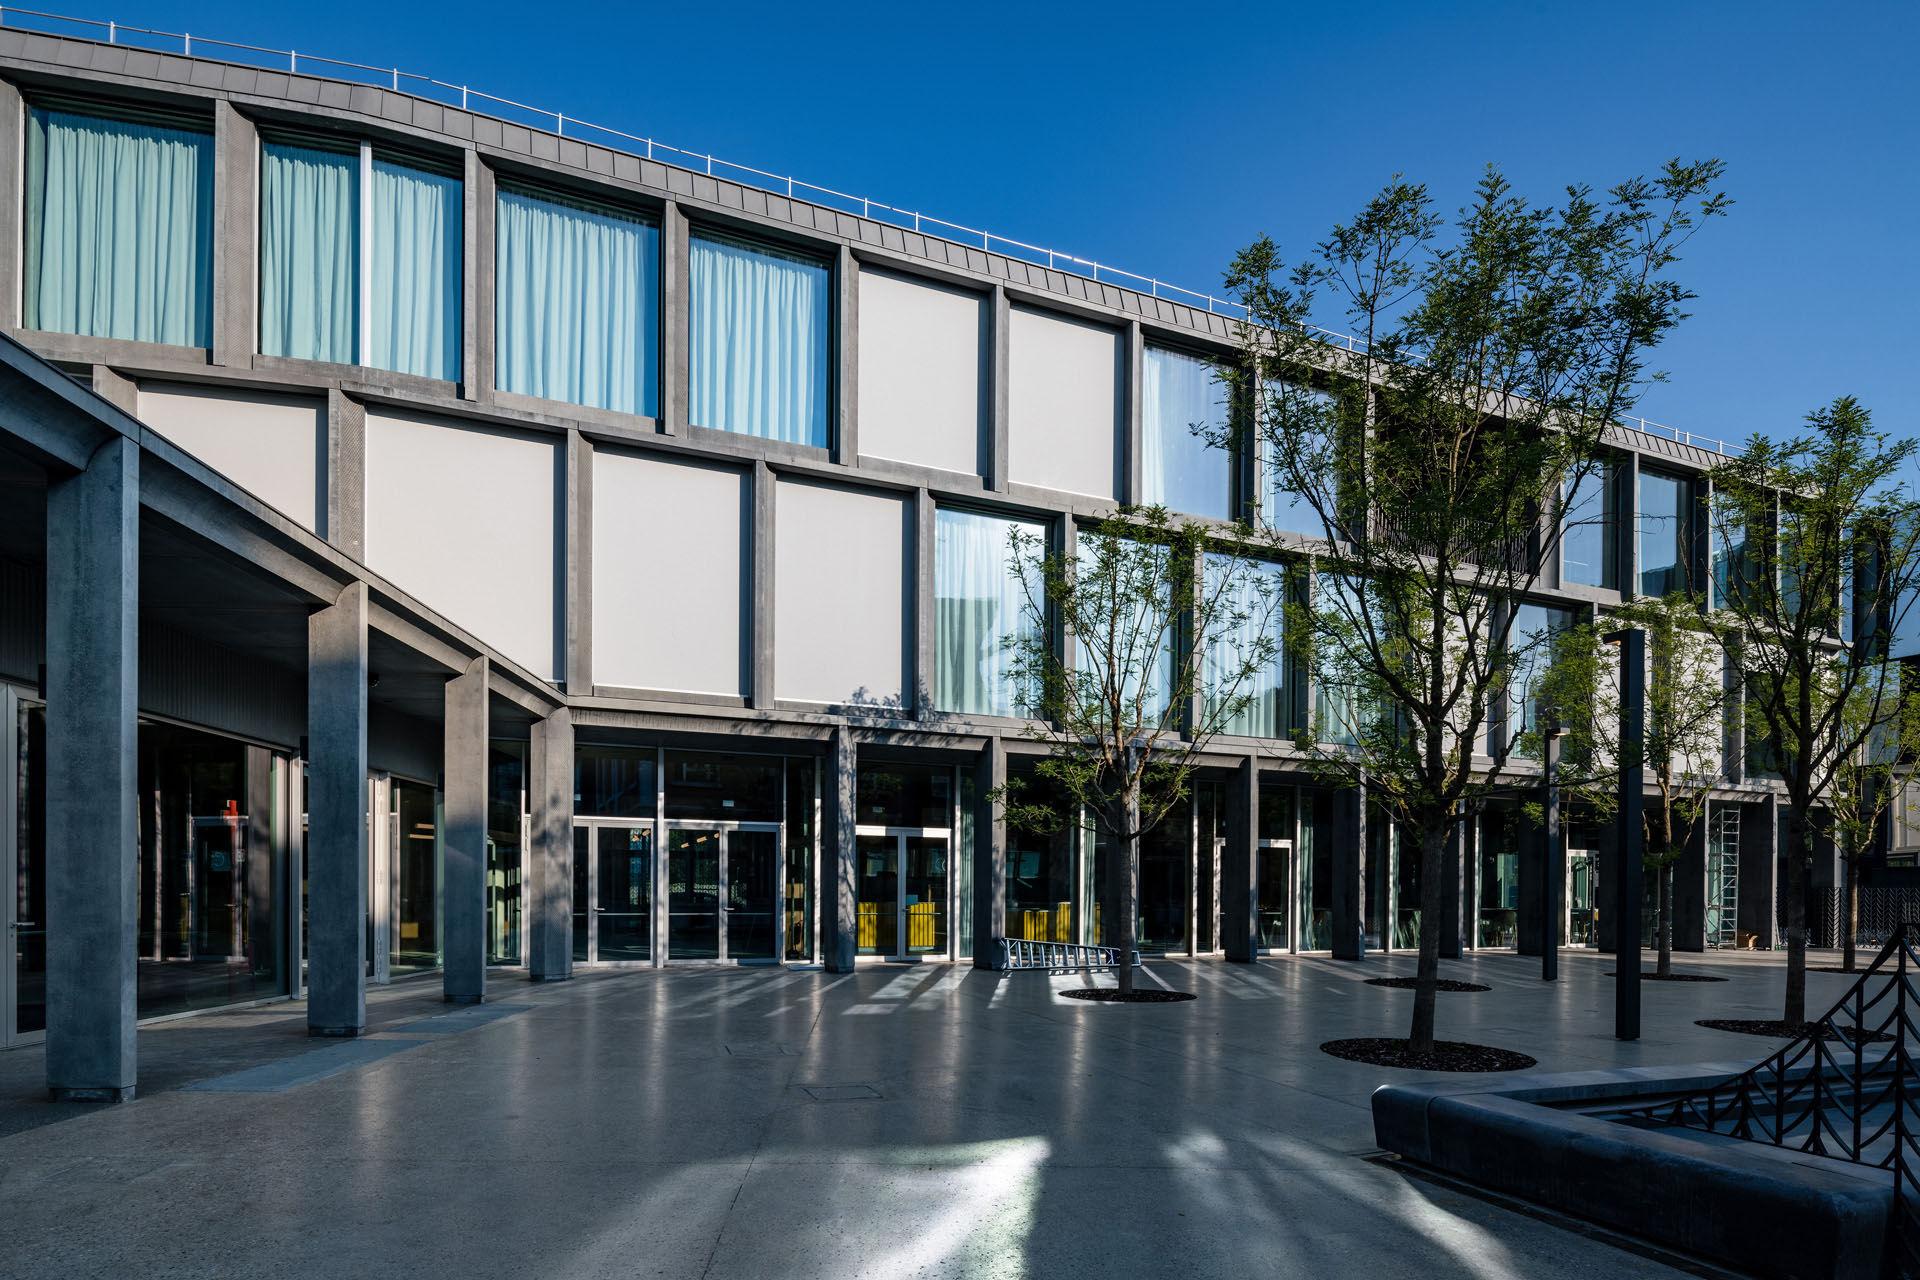 Nuovo edificio uffici Pirelli - image 4